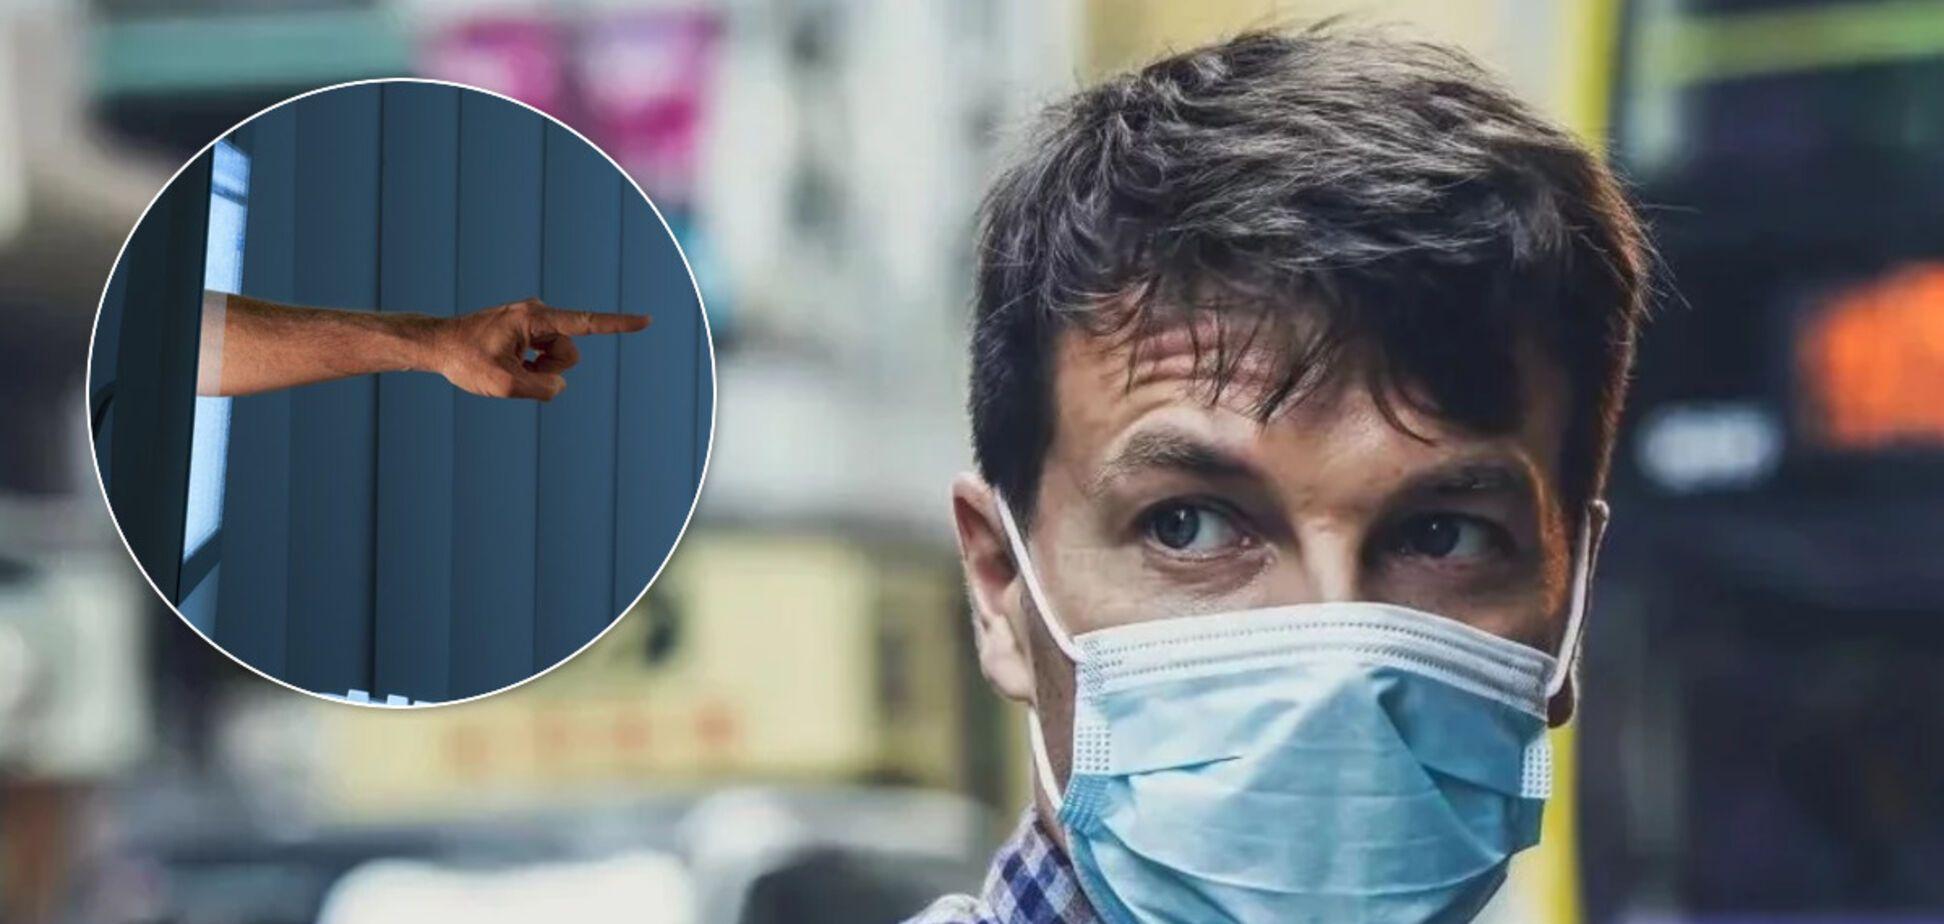 Киевлянин признался, что болен коронавирусом: его затравили соседи